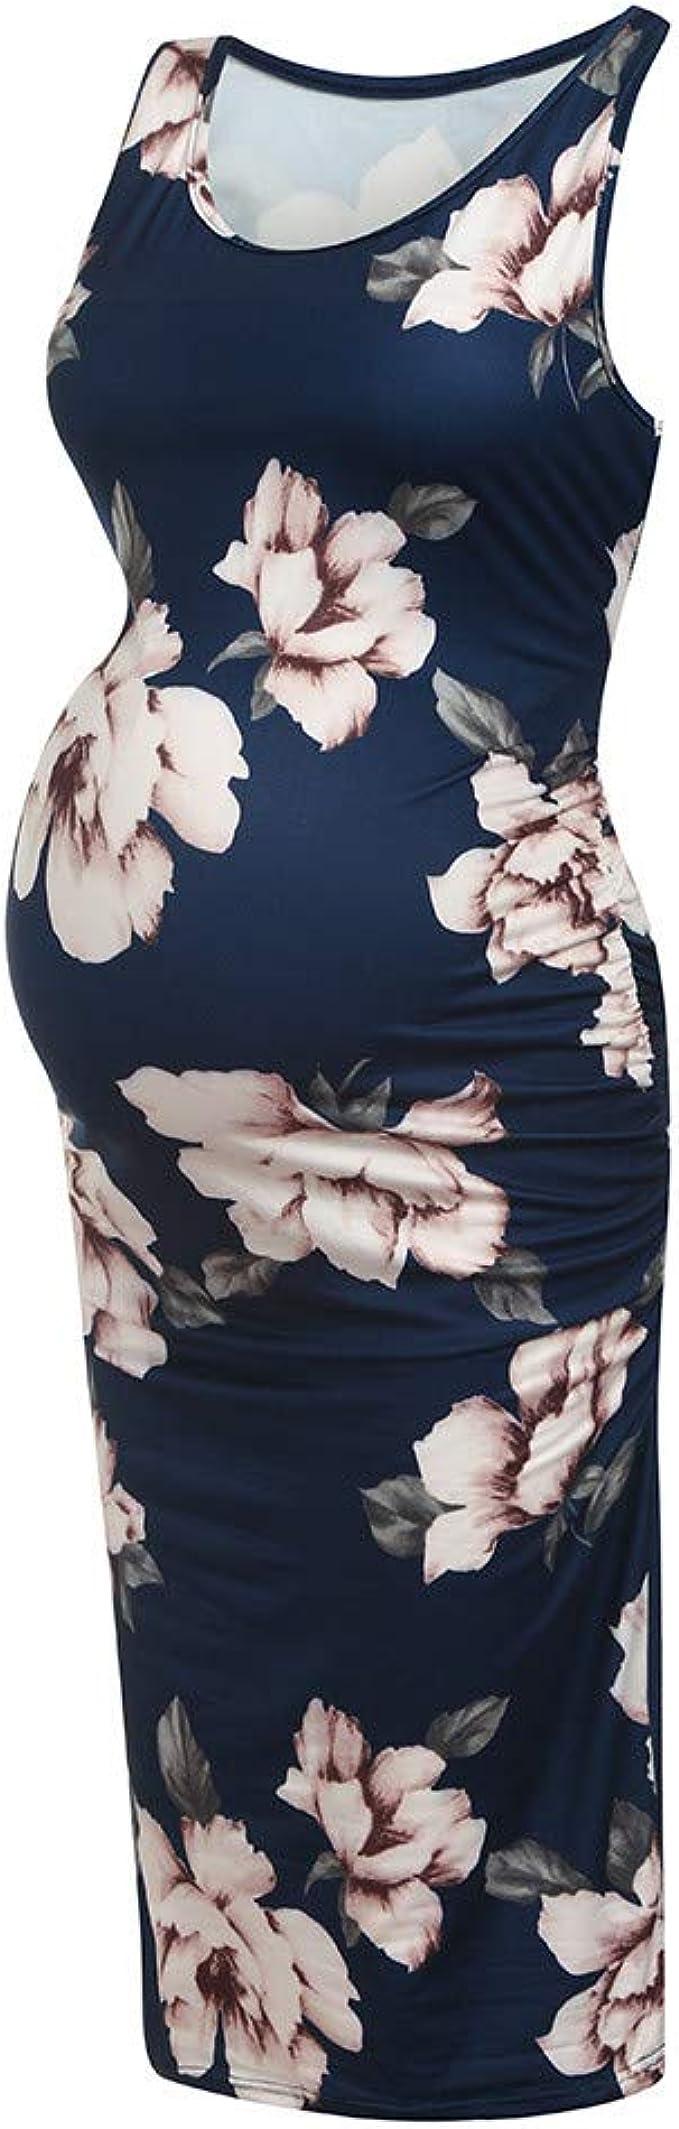 Damen Schwangere Blumen Umstandskleid Schwangerschaftskleid Stillkleid Minikleid